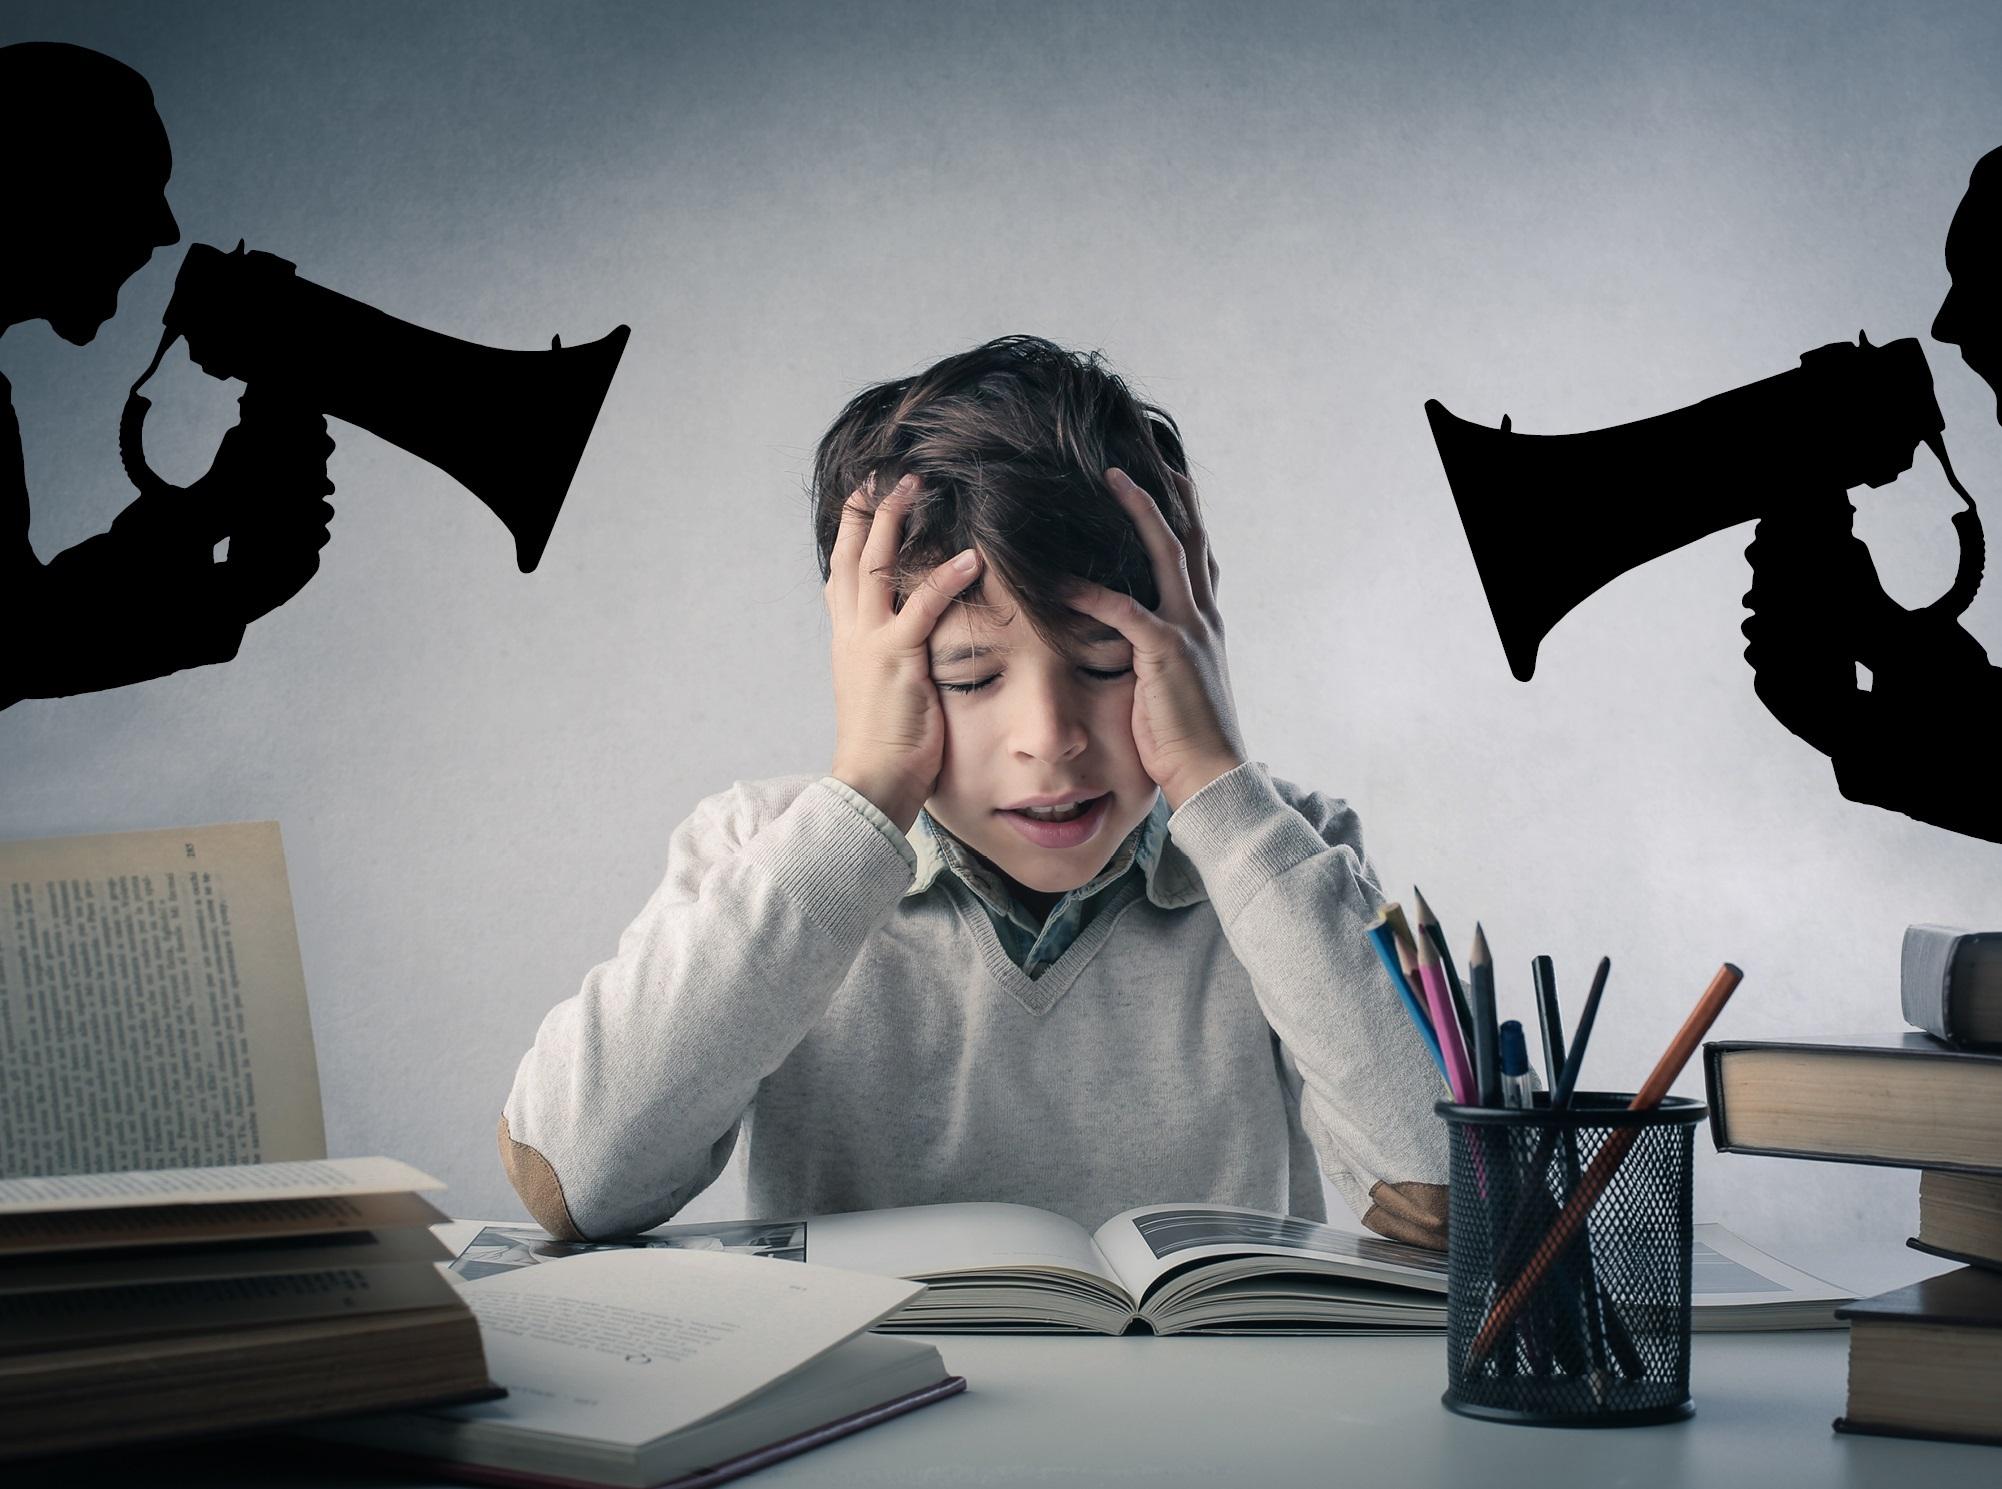 Nieuw: onthullend rapport over linkse indoctrinatie in schoolboeken - bestel uw exemplaar!